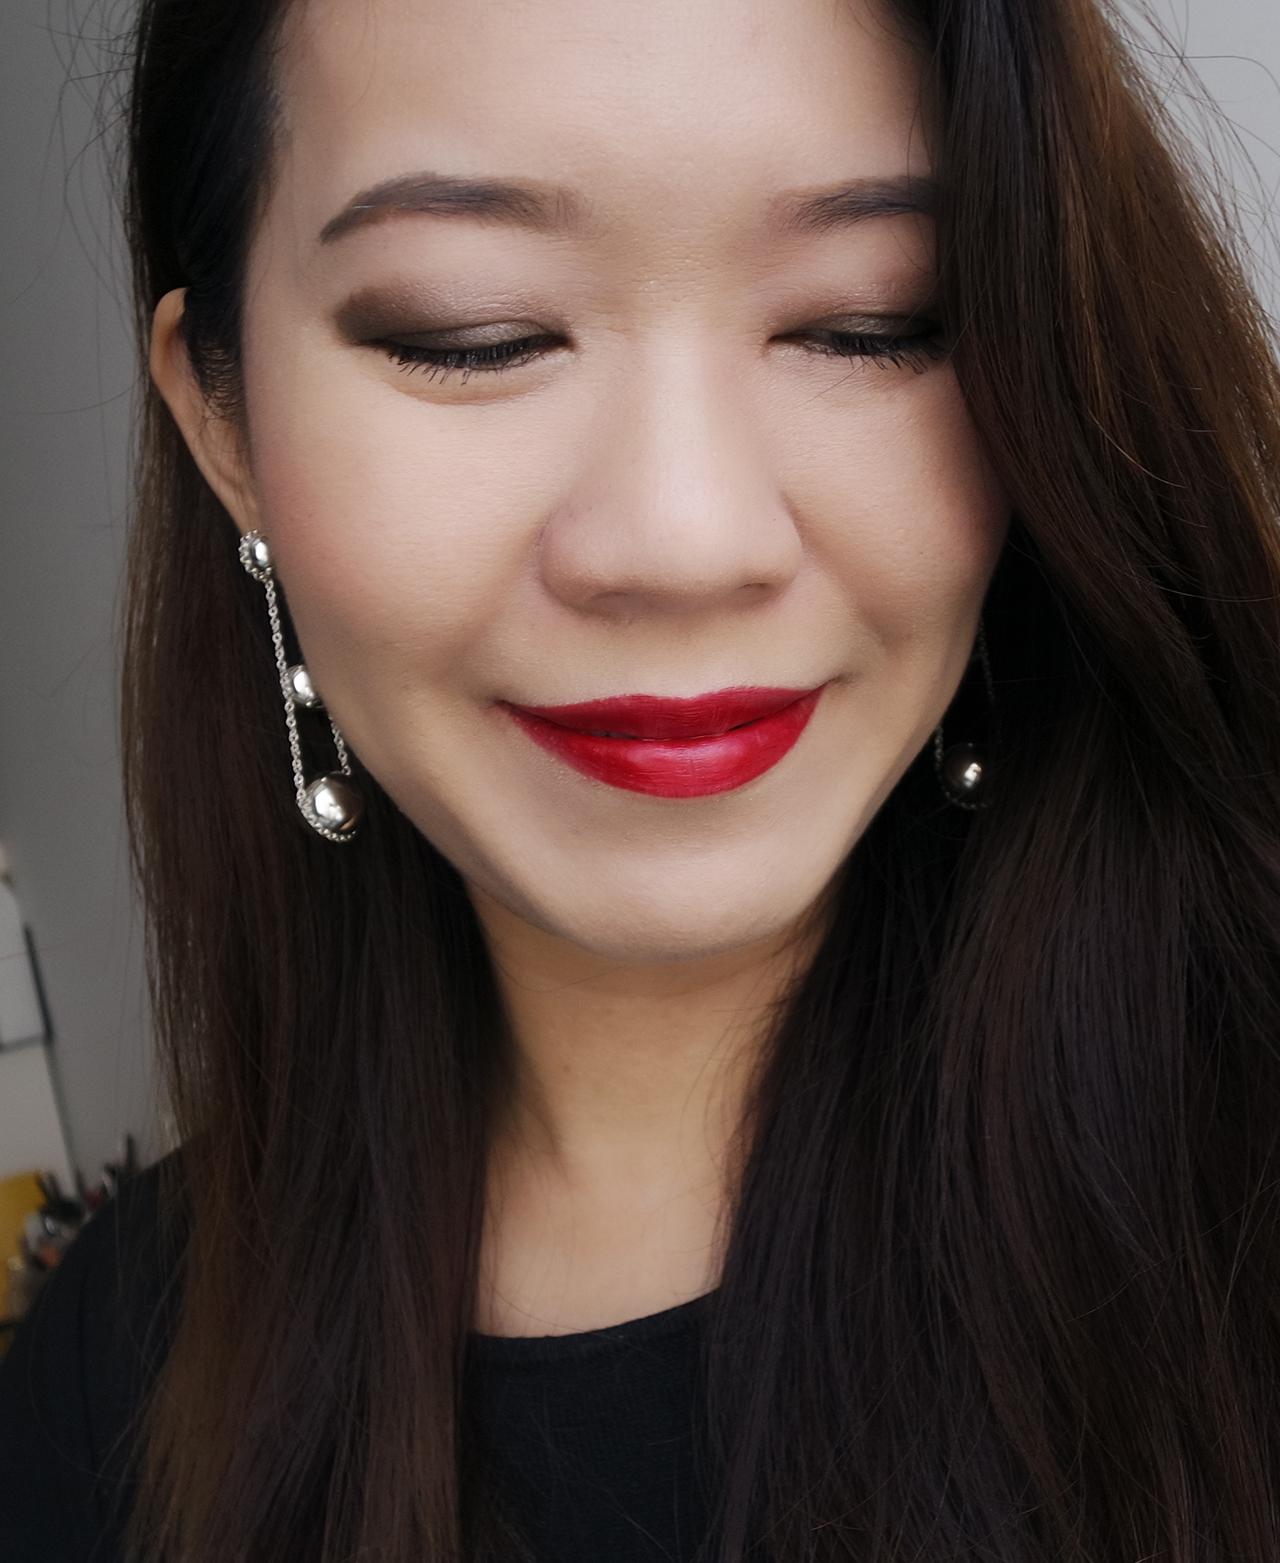 Chanel Collection Libre 2017 makeup look ft Trait de Caractere, Joues Contraste So Close, Rouge Allure 1